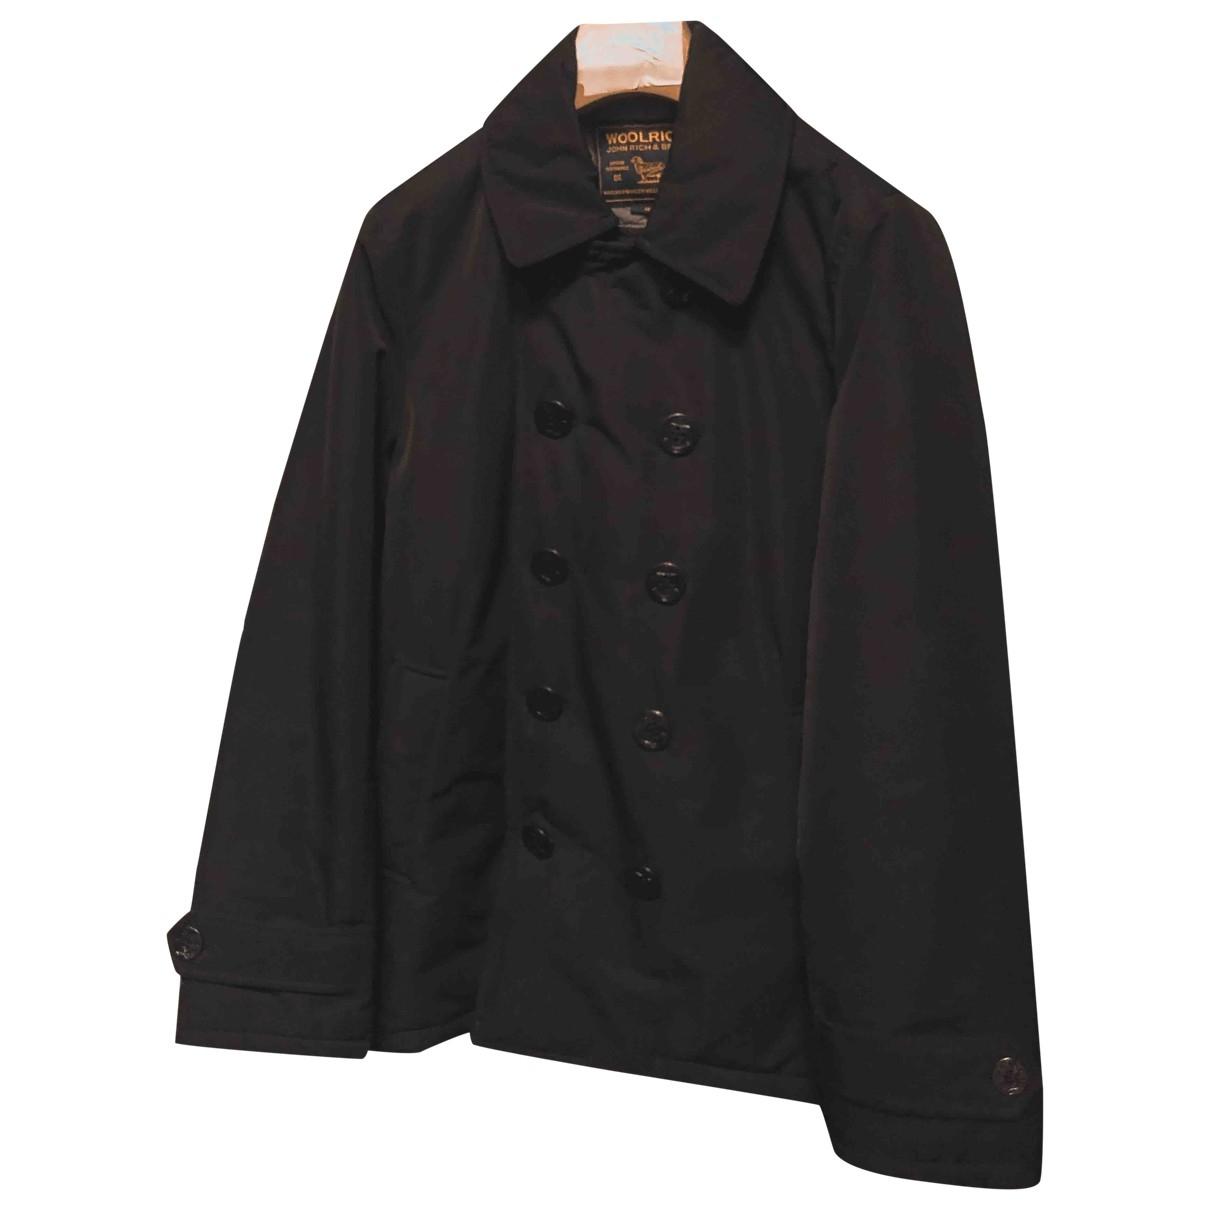 Woolrich - Vestes.Blousons   pour homme en coton - noir